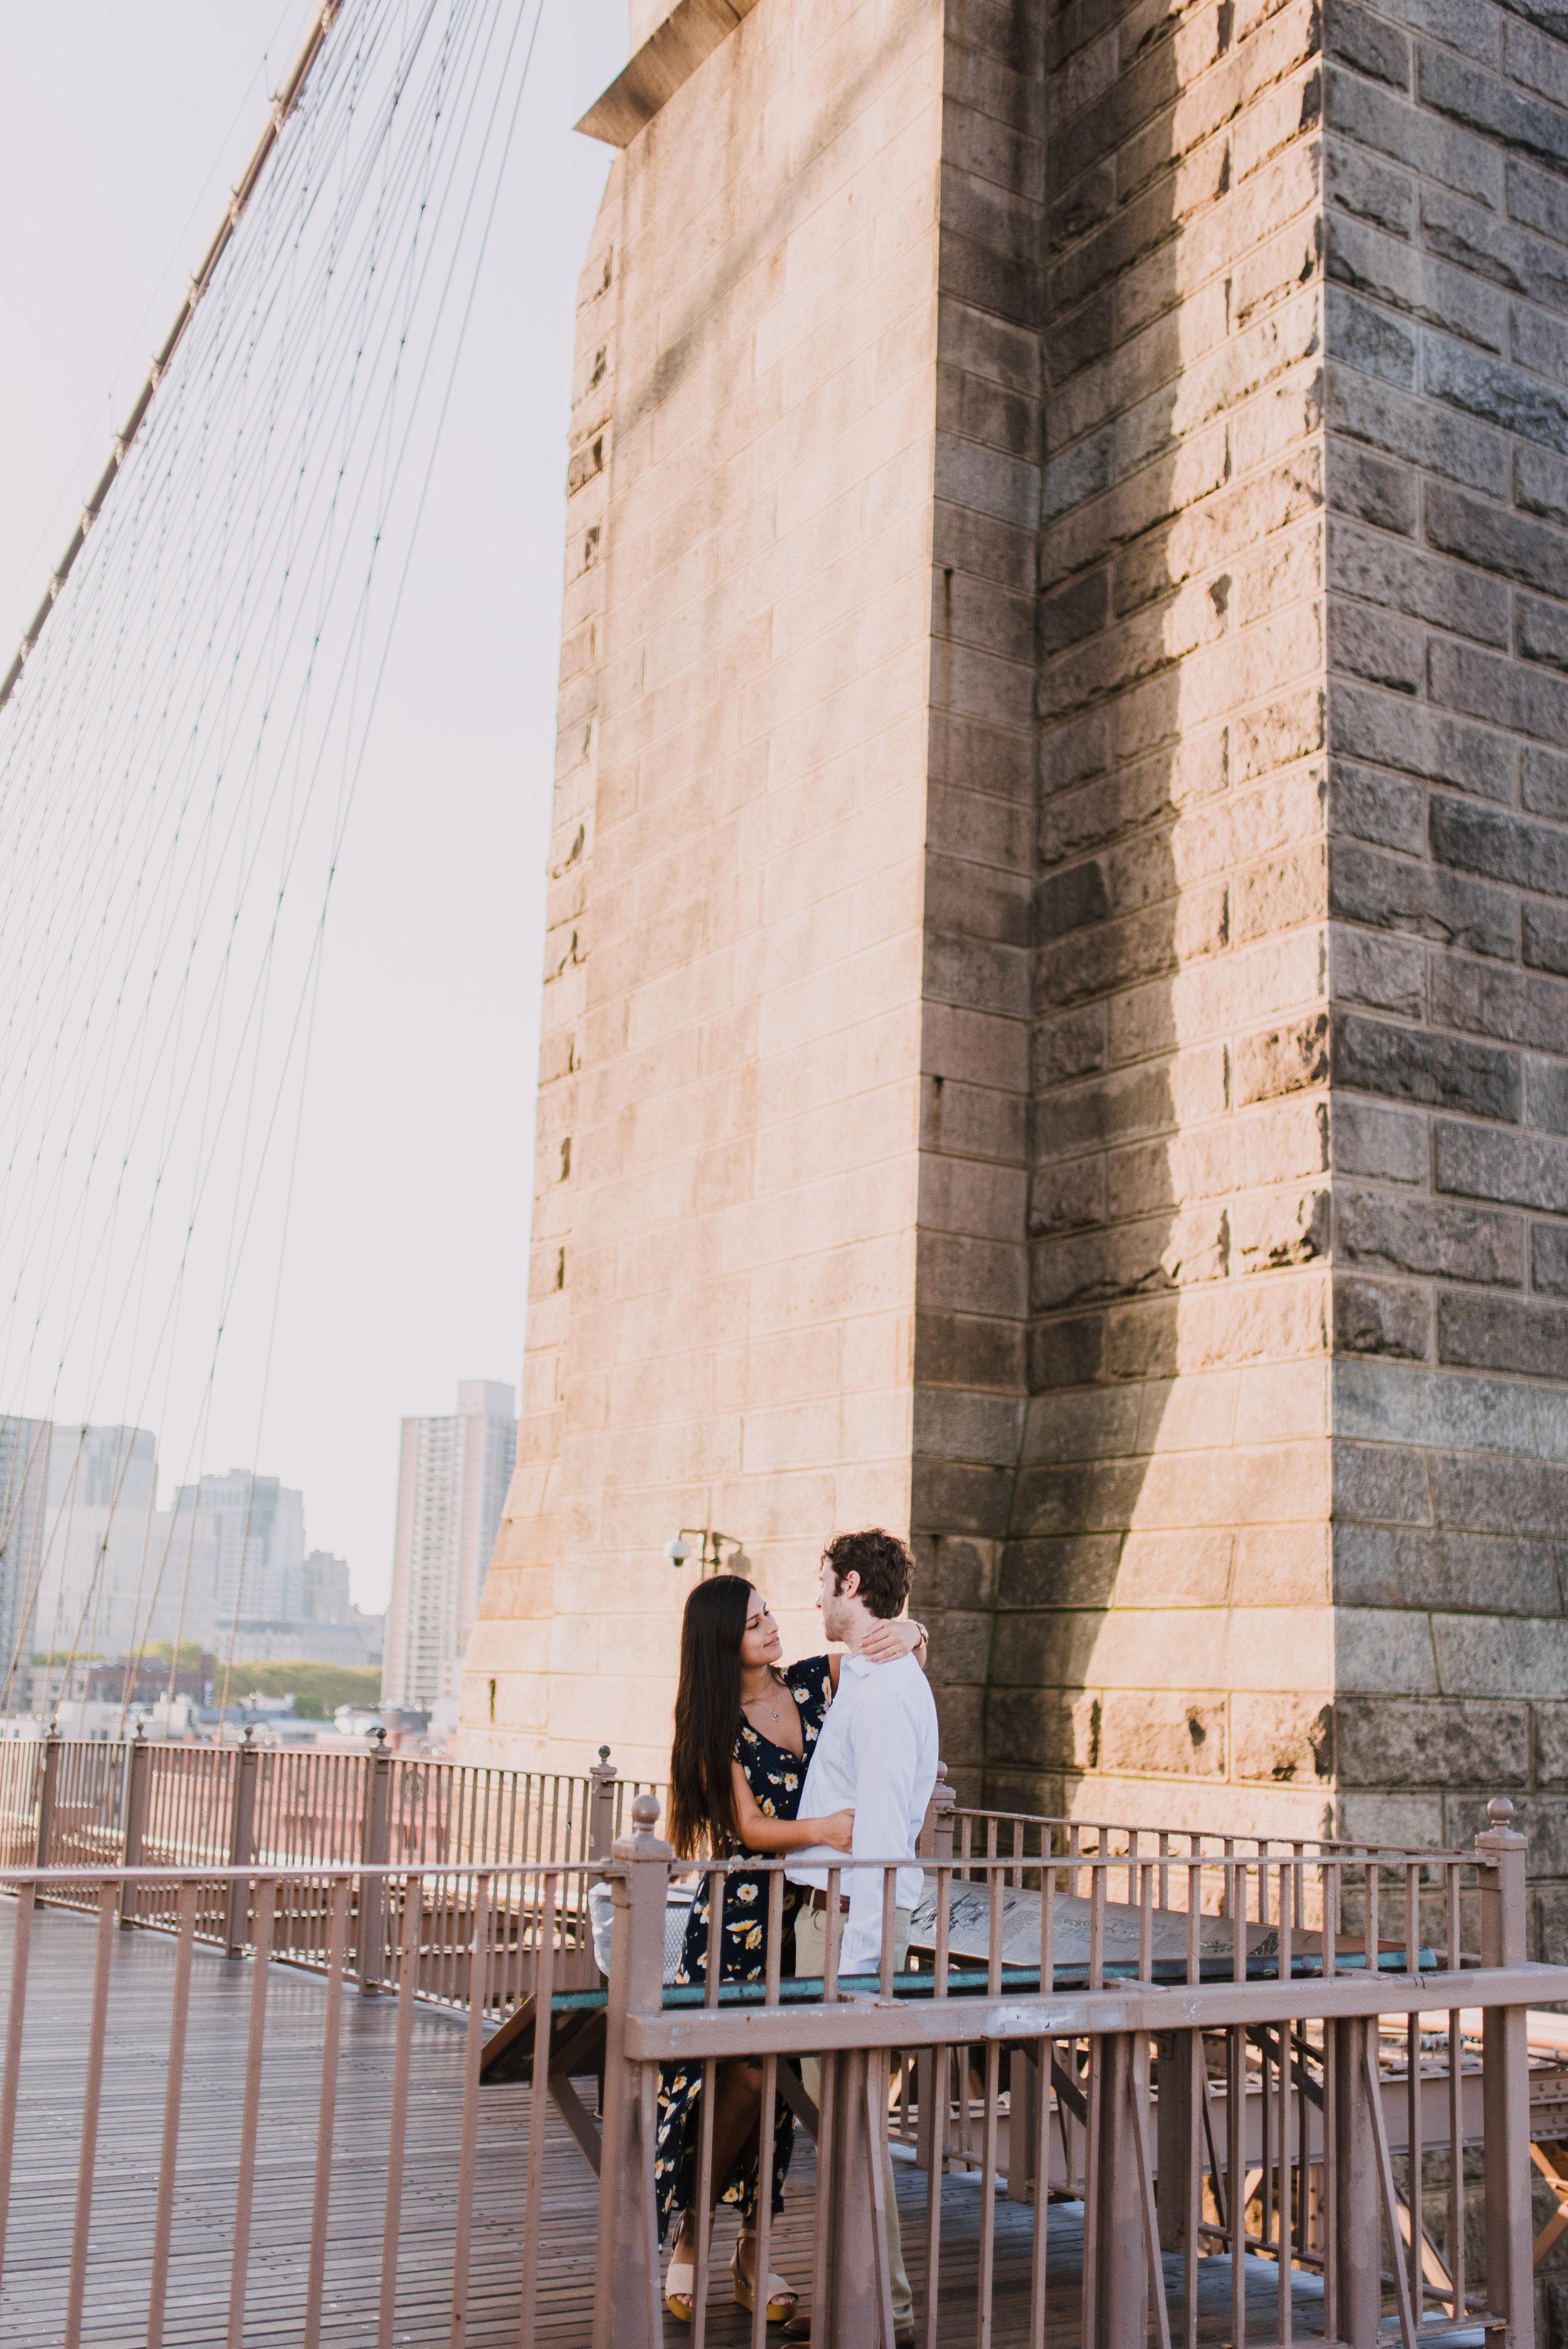 Brooklym Bridge engagement photography, NY wedding photographer, NYC elopement photographer, NYC wedding photographer (16).jpg